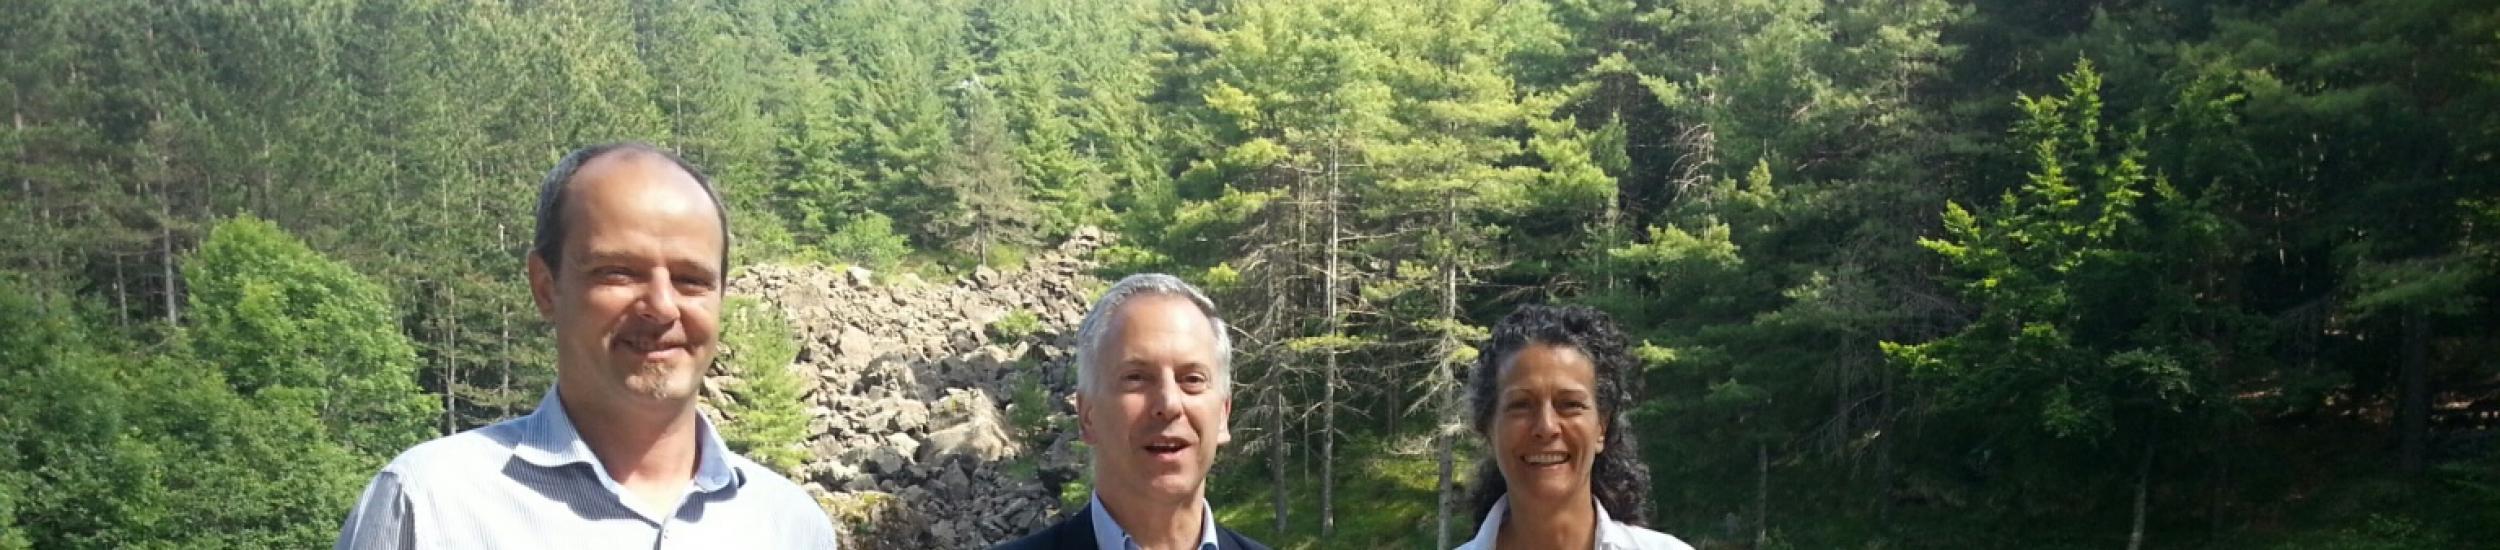 News: La visita di marco doria con i sindaci fra bellezze e problemi della val d'aveto (video di tabloid)